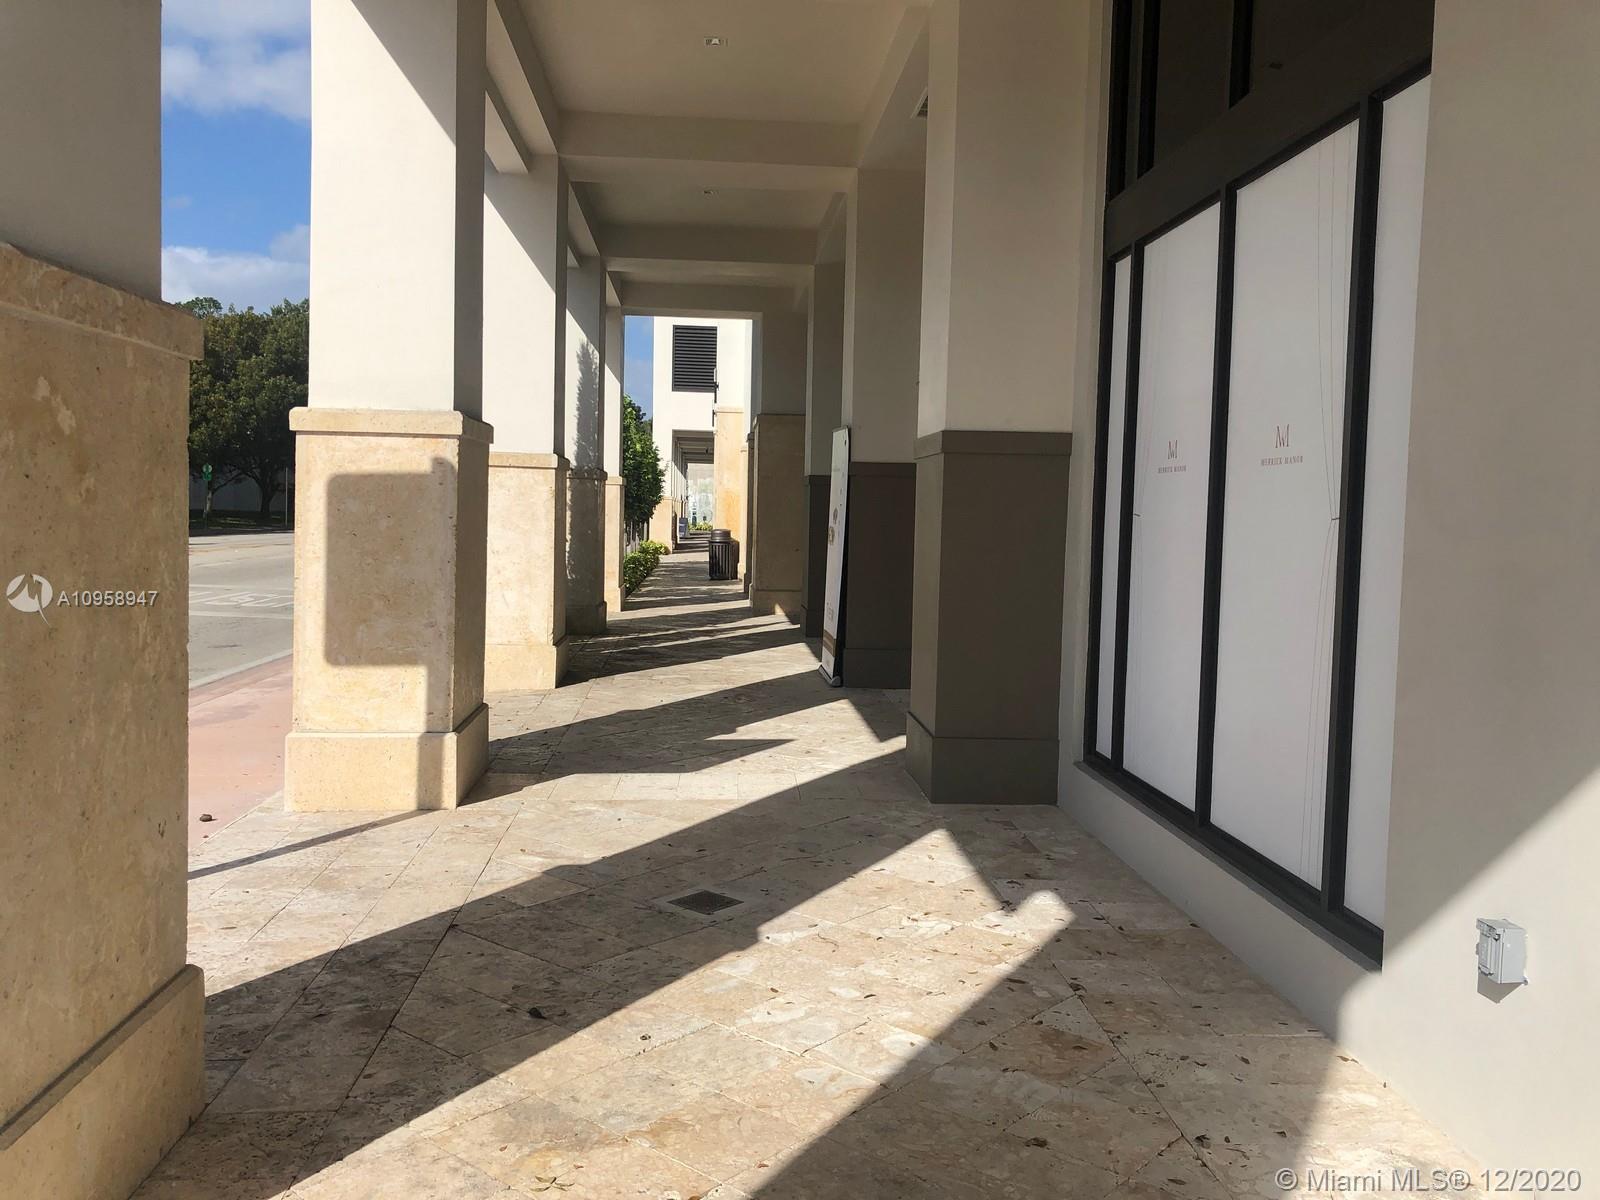 Merrick Manor #CU10 - 301 Altara Ave #CU10, Coral Gables, FL 33146